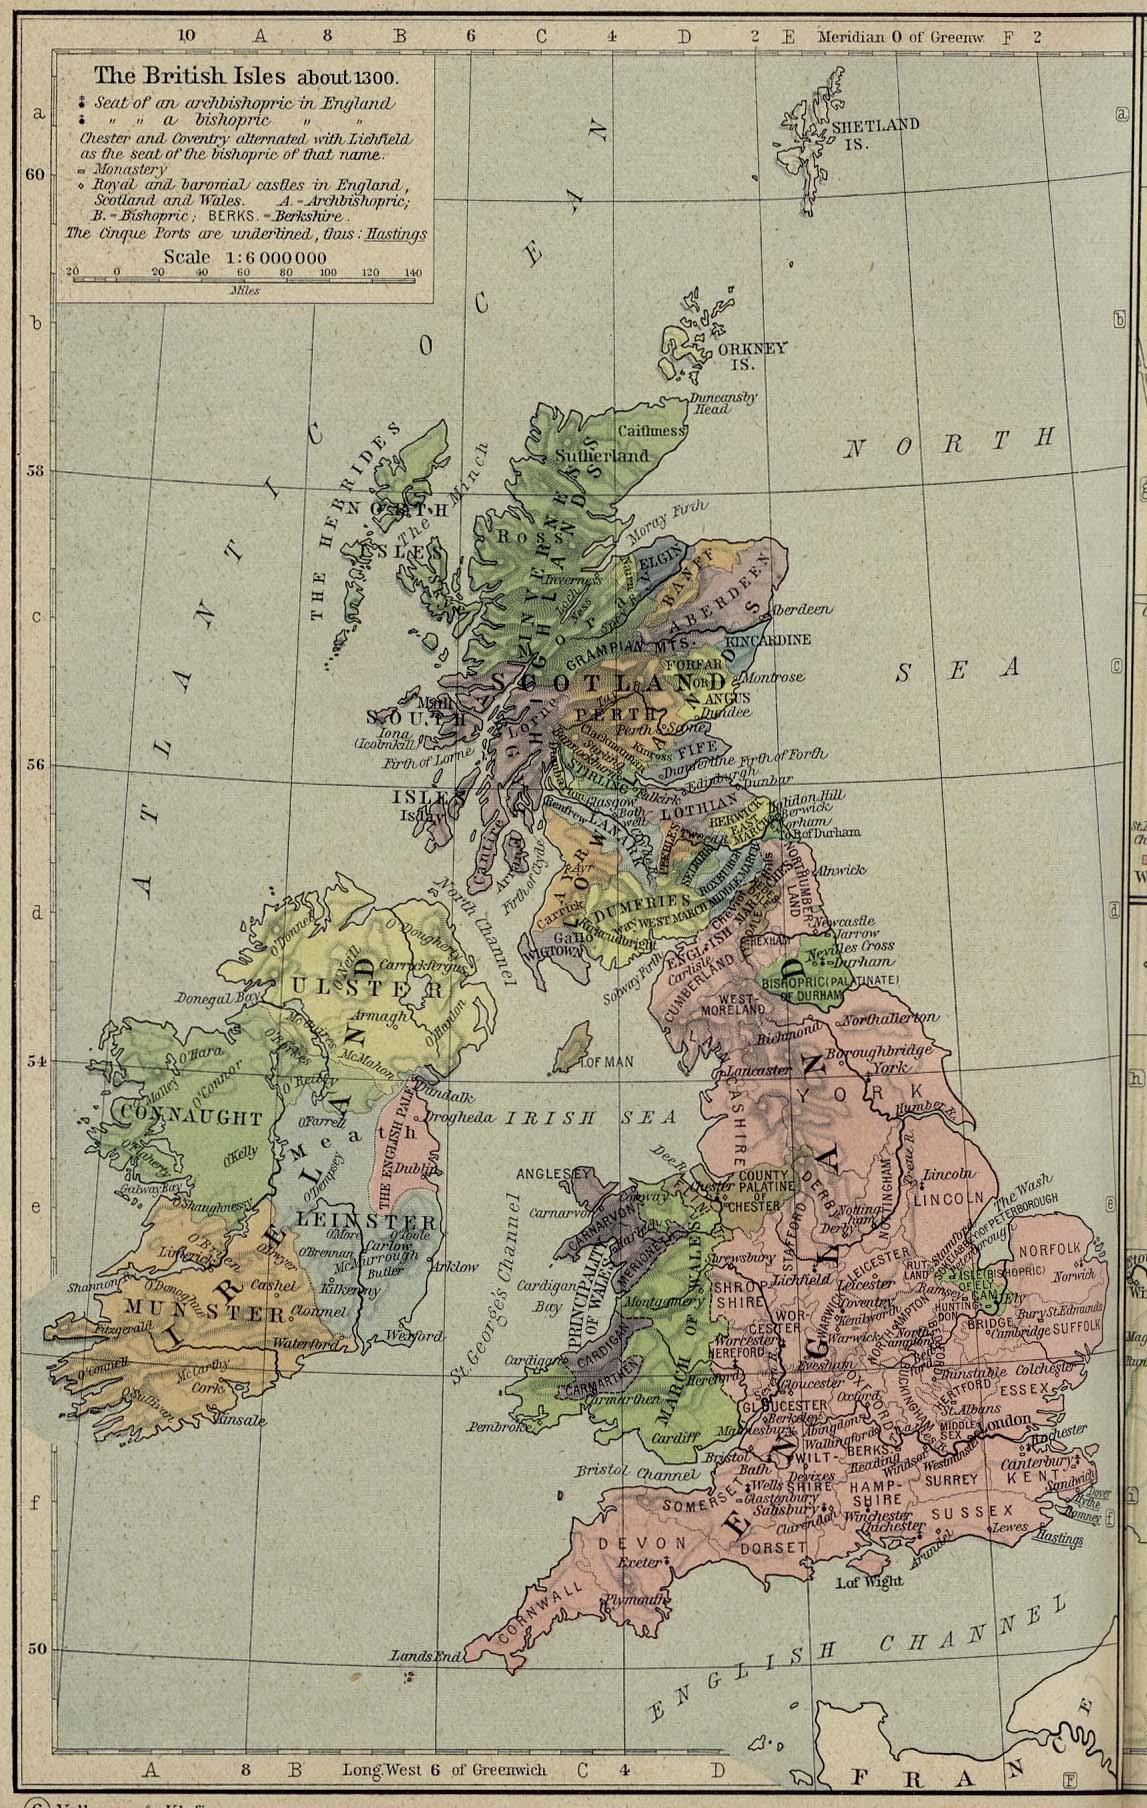 Mapa de las Islas Británicas 1300